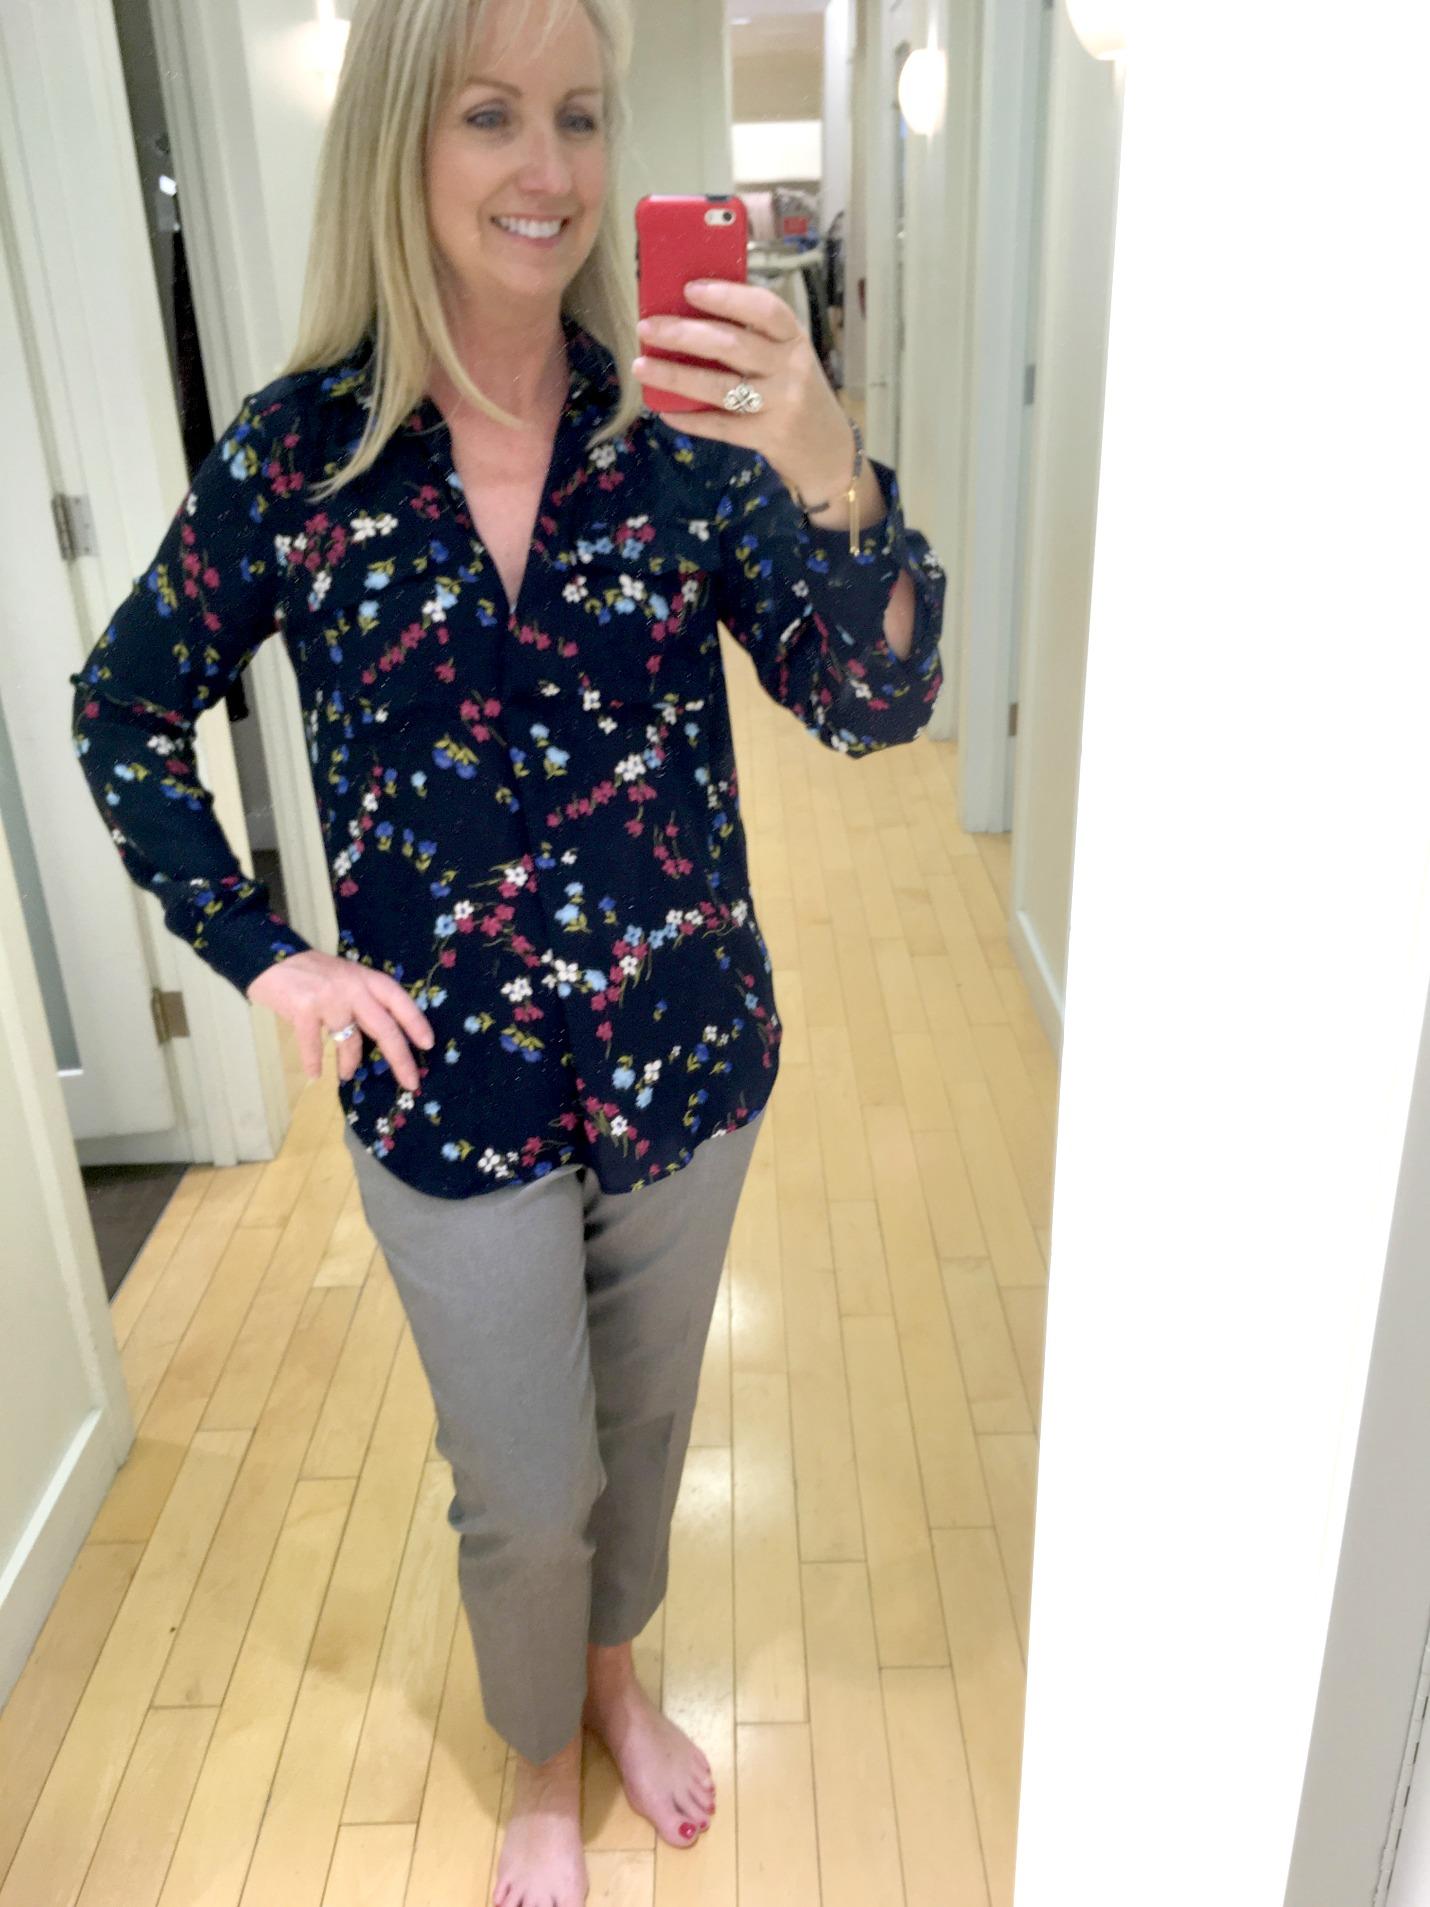 Ann Taylor Career Clothing